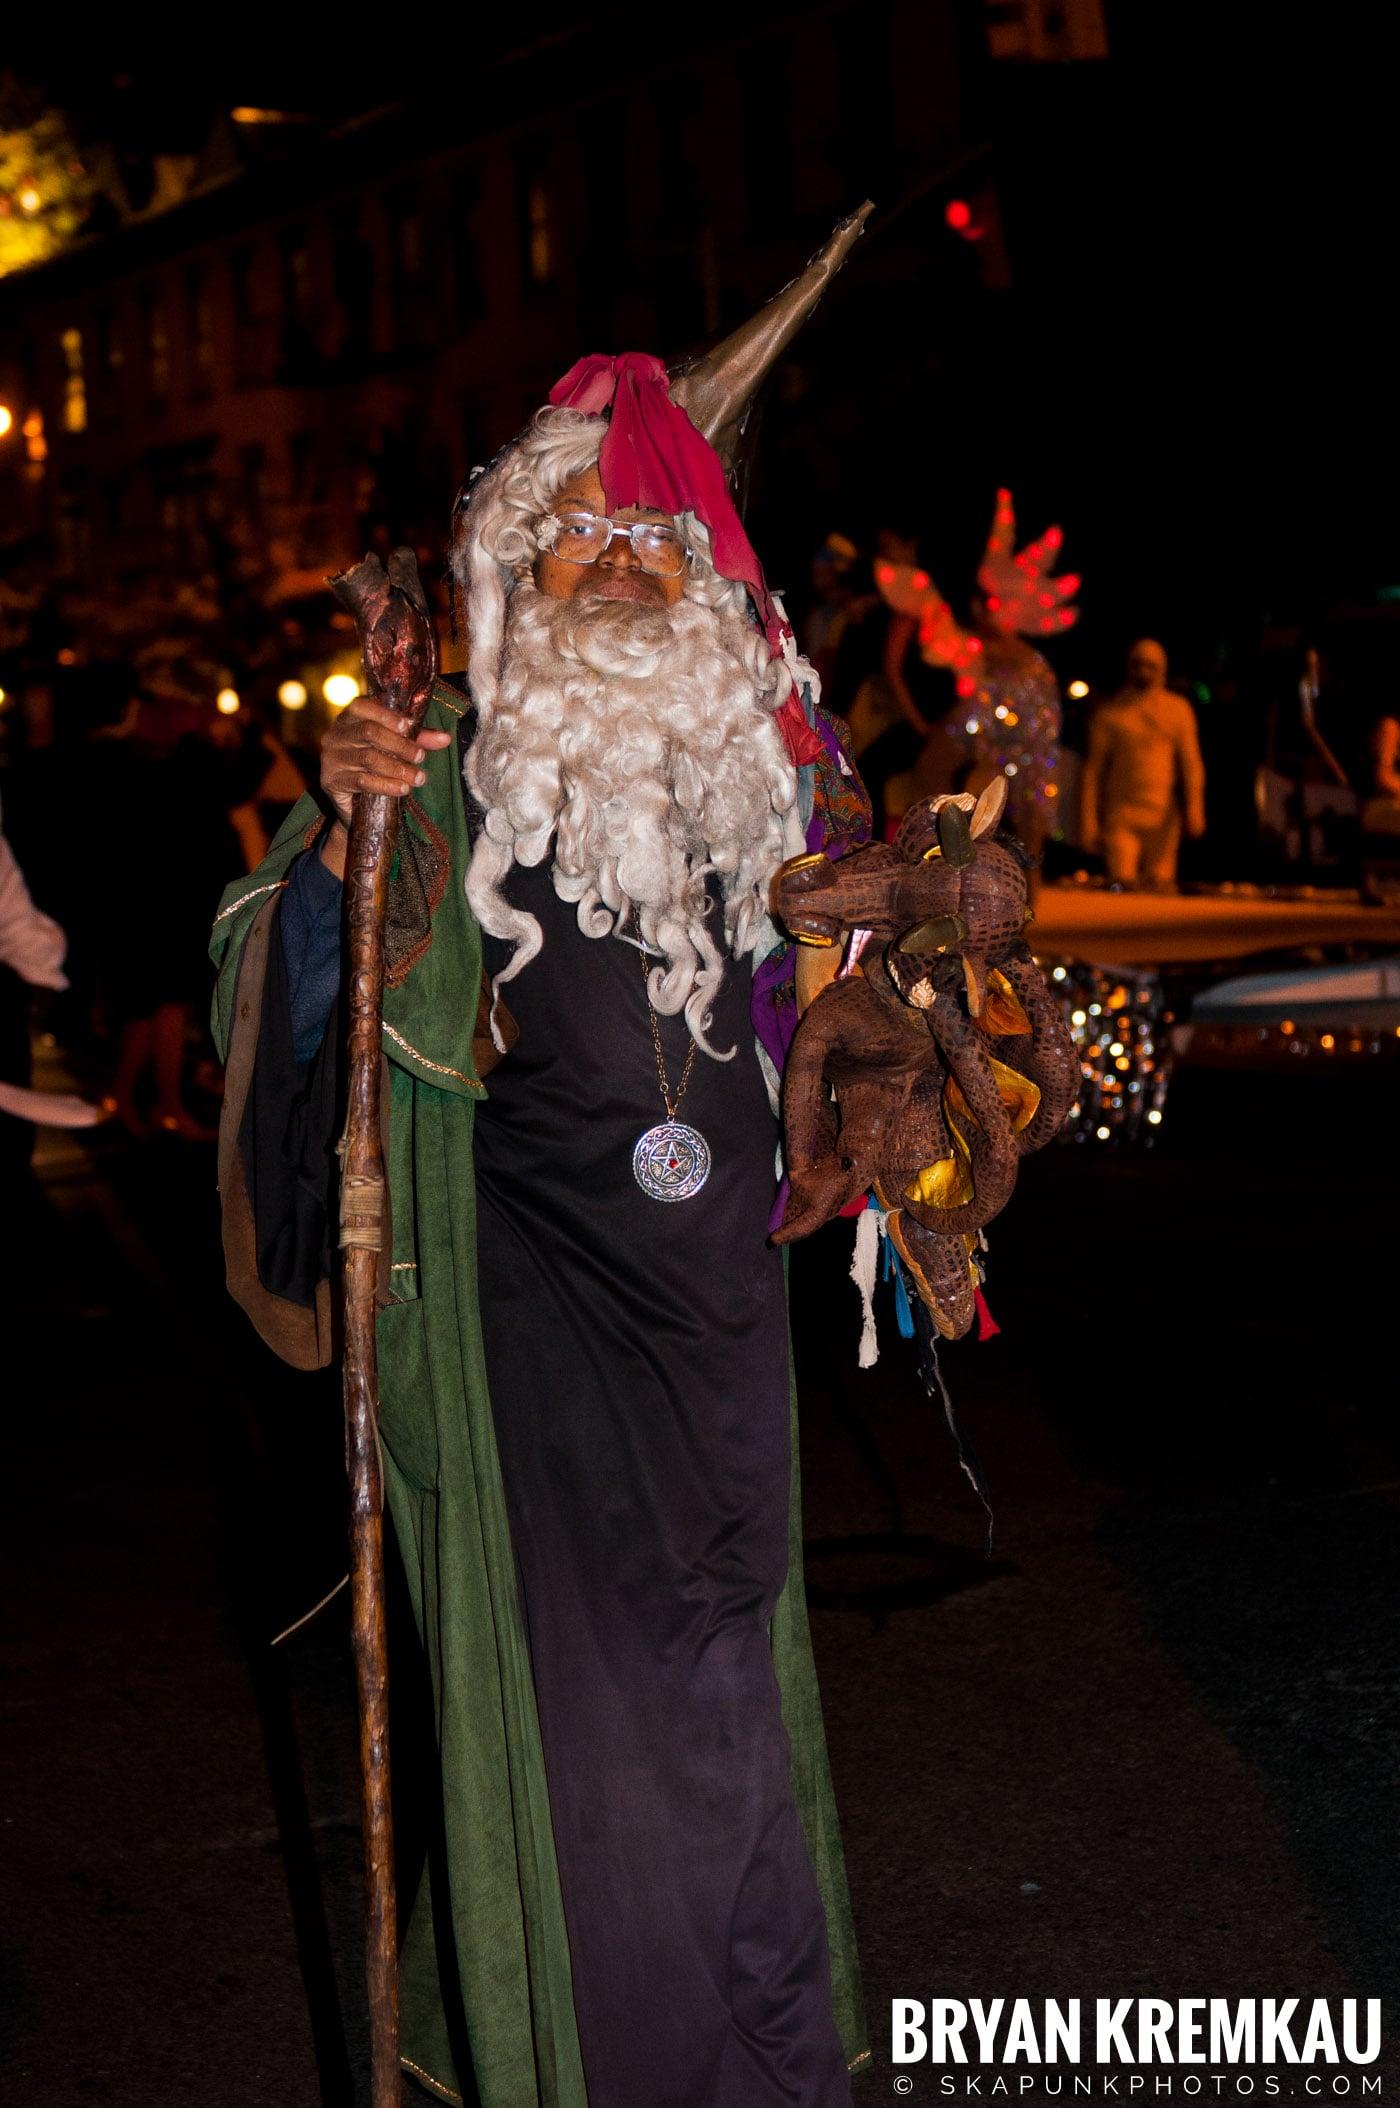 NYC Halloween Parade 2011 @ New York, NY - 10.31.11 (64)